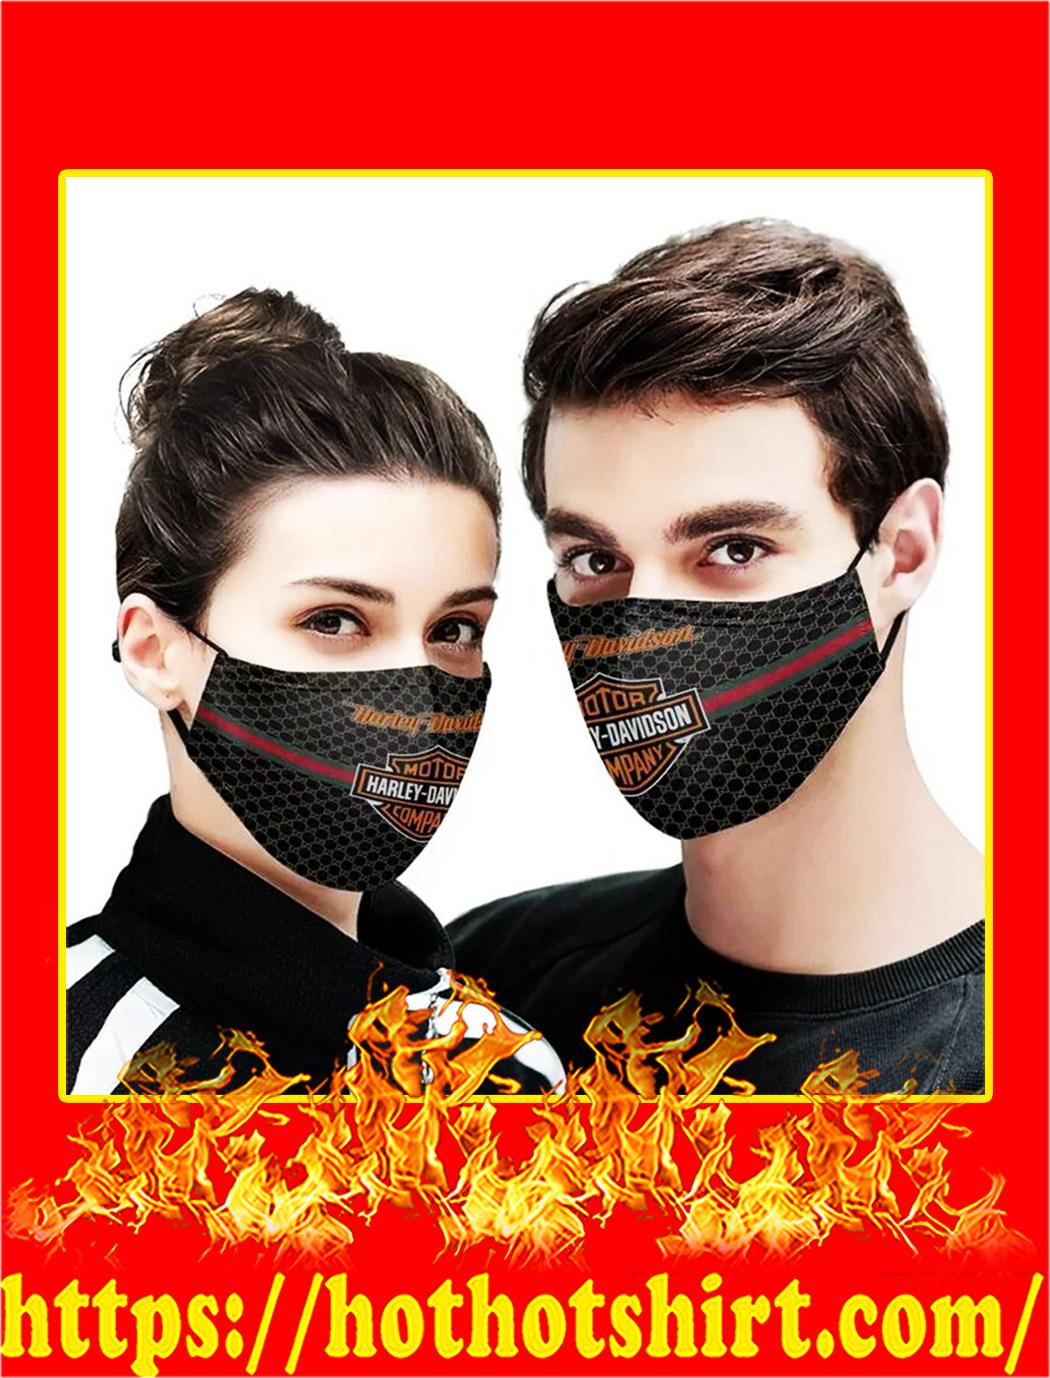 Harley davidson 3d face mask- pic 1